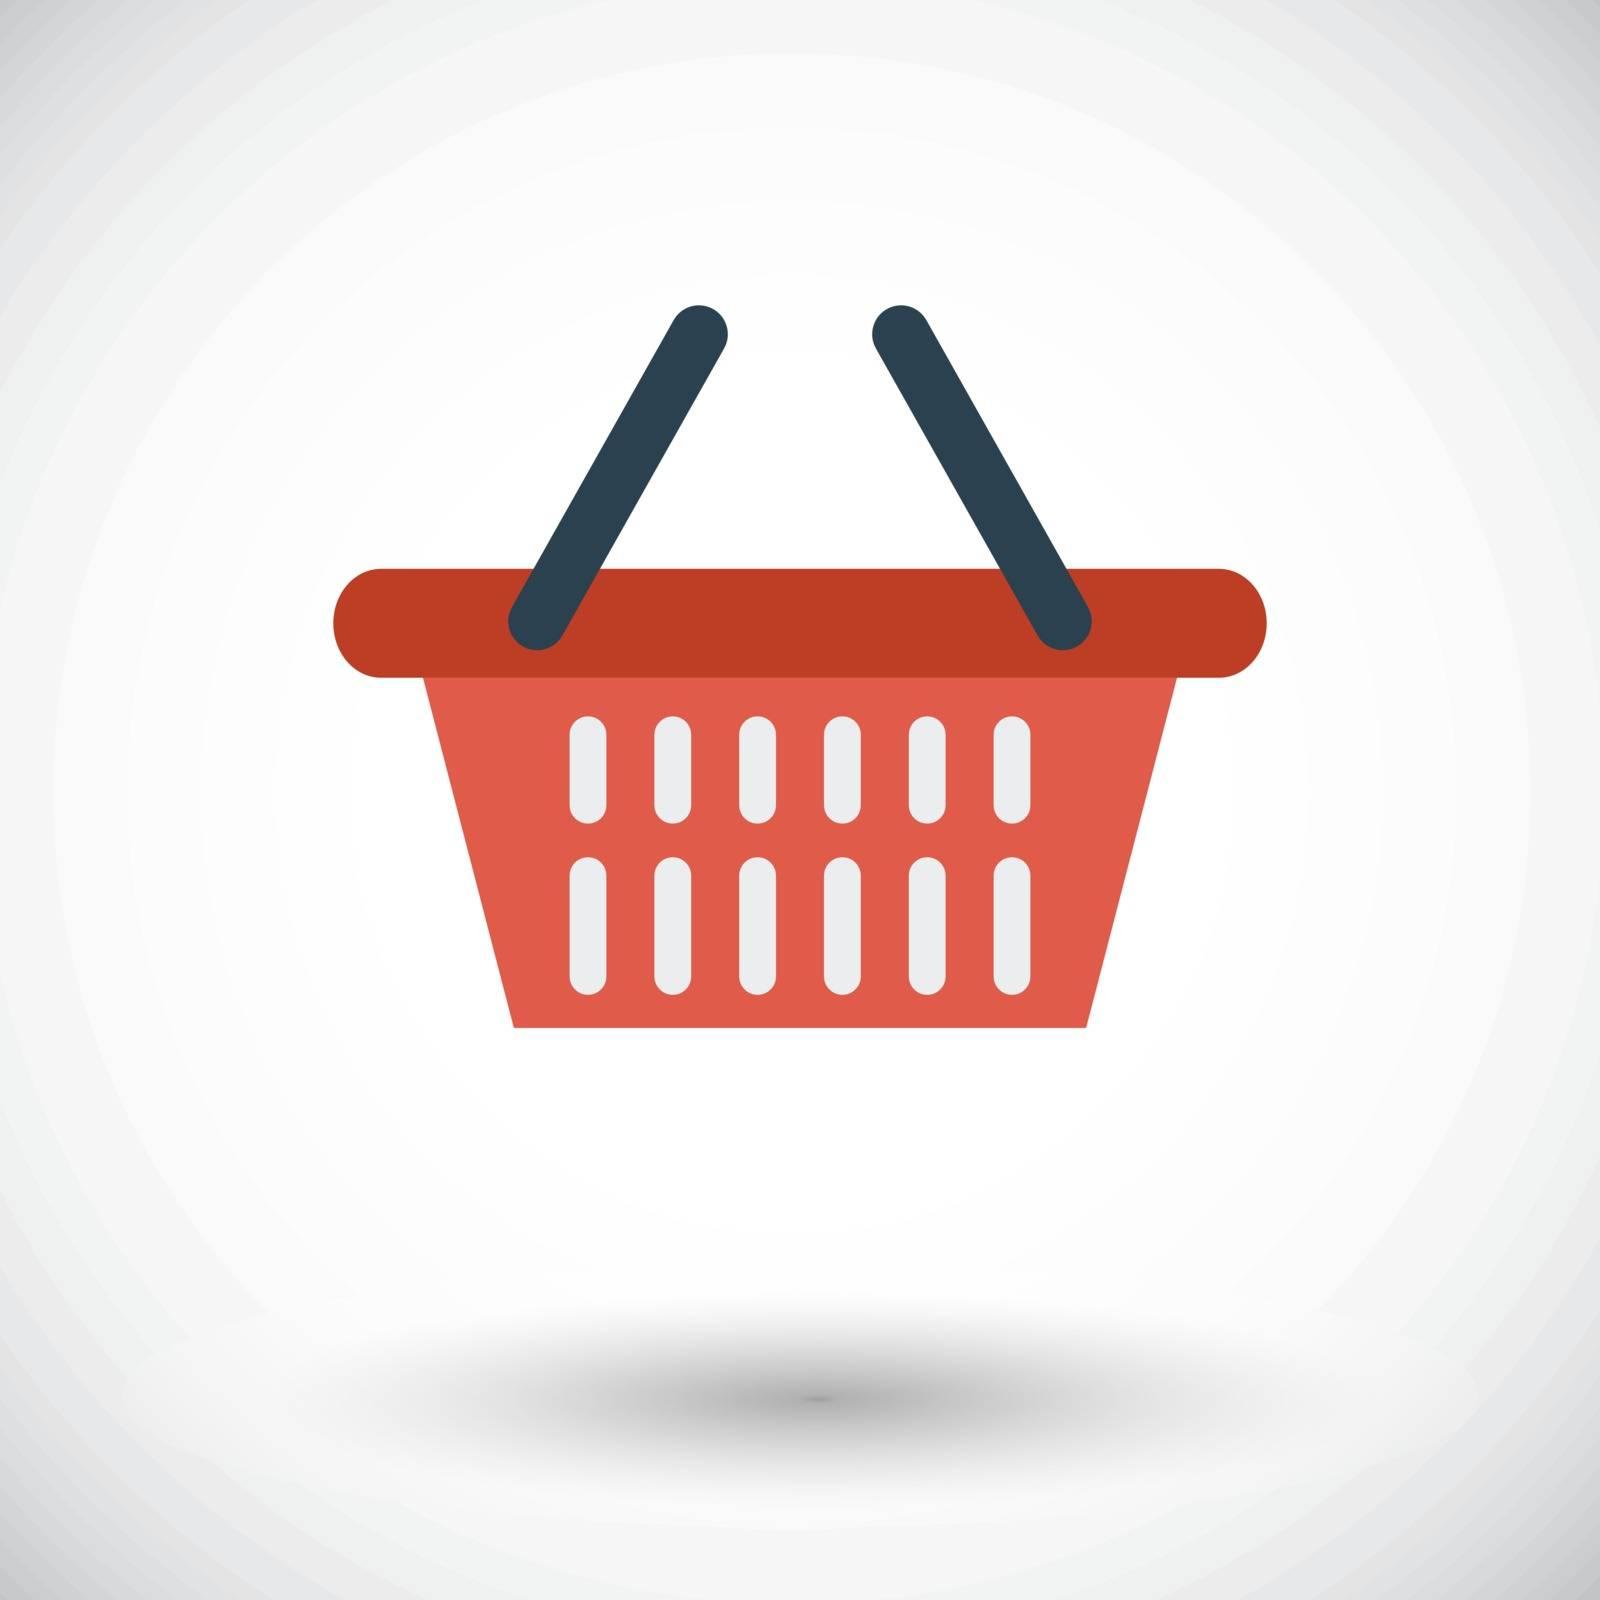 Shopping basket. Single flat icon on white background. Vector illustration.